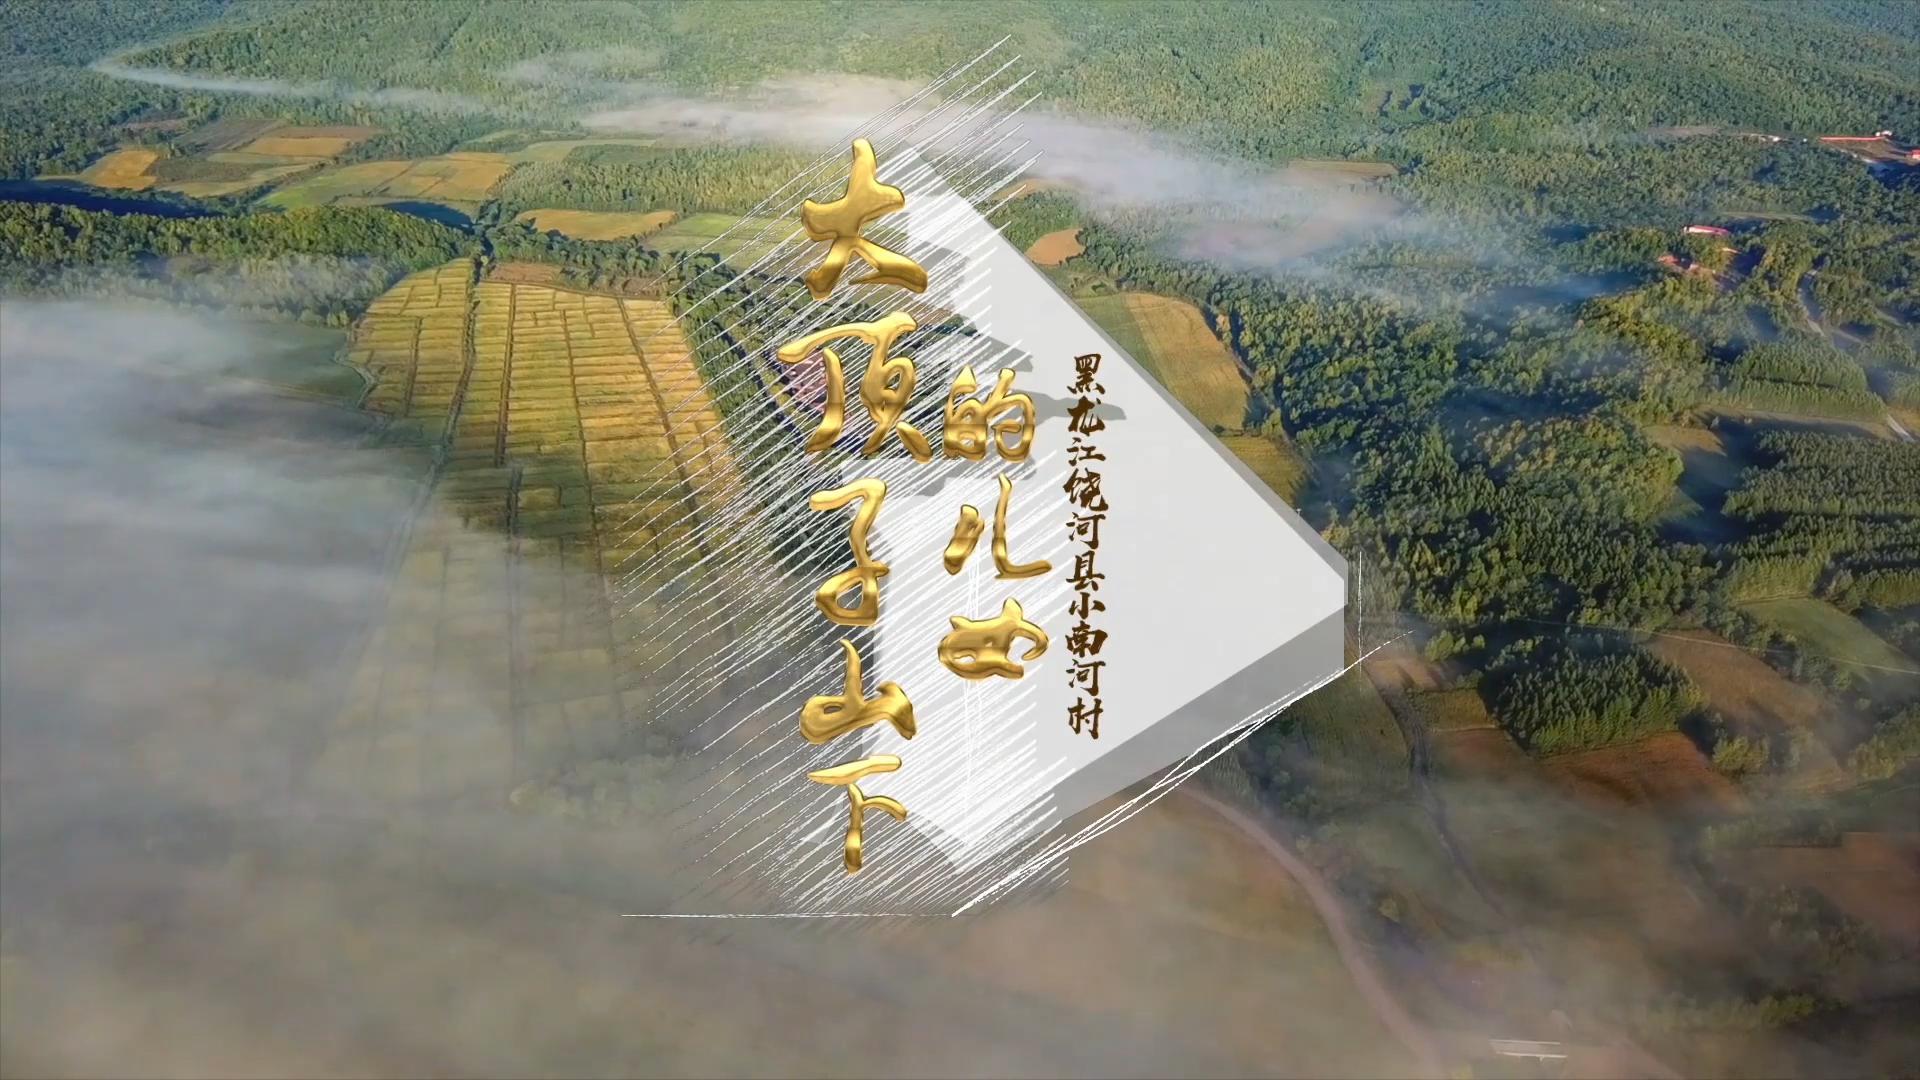 黑龍江小南河村《大頂子山下的兒女》